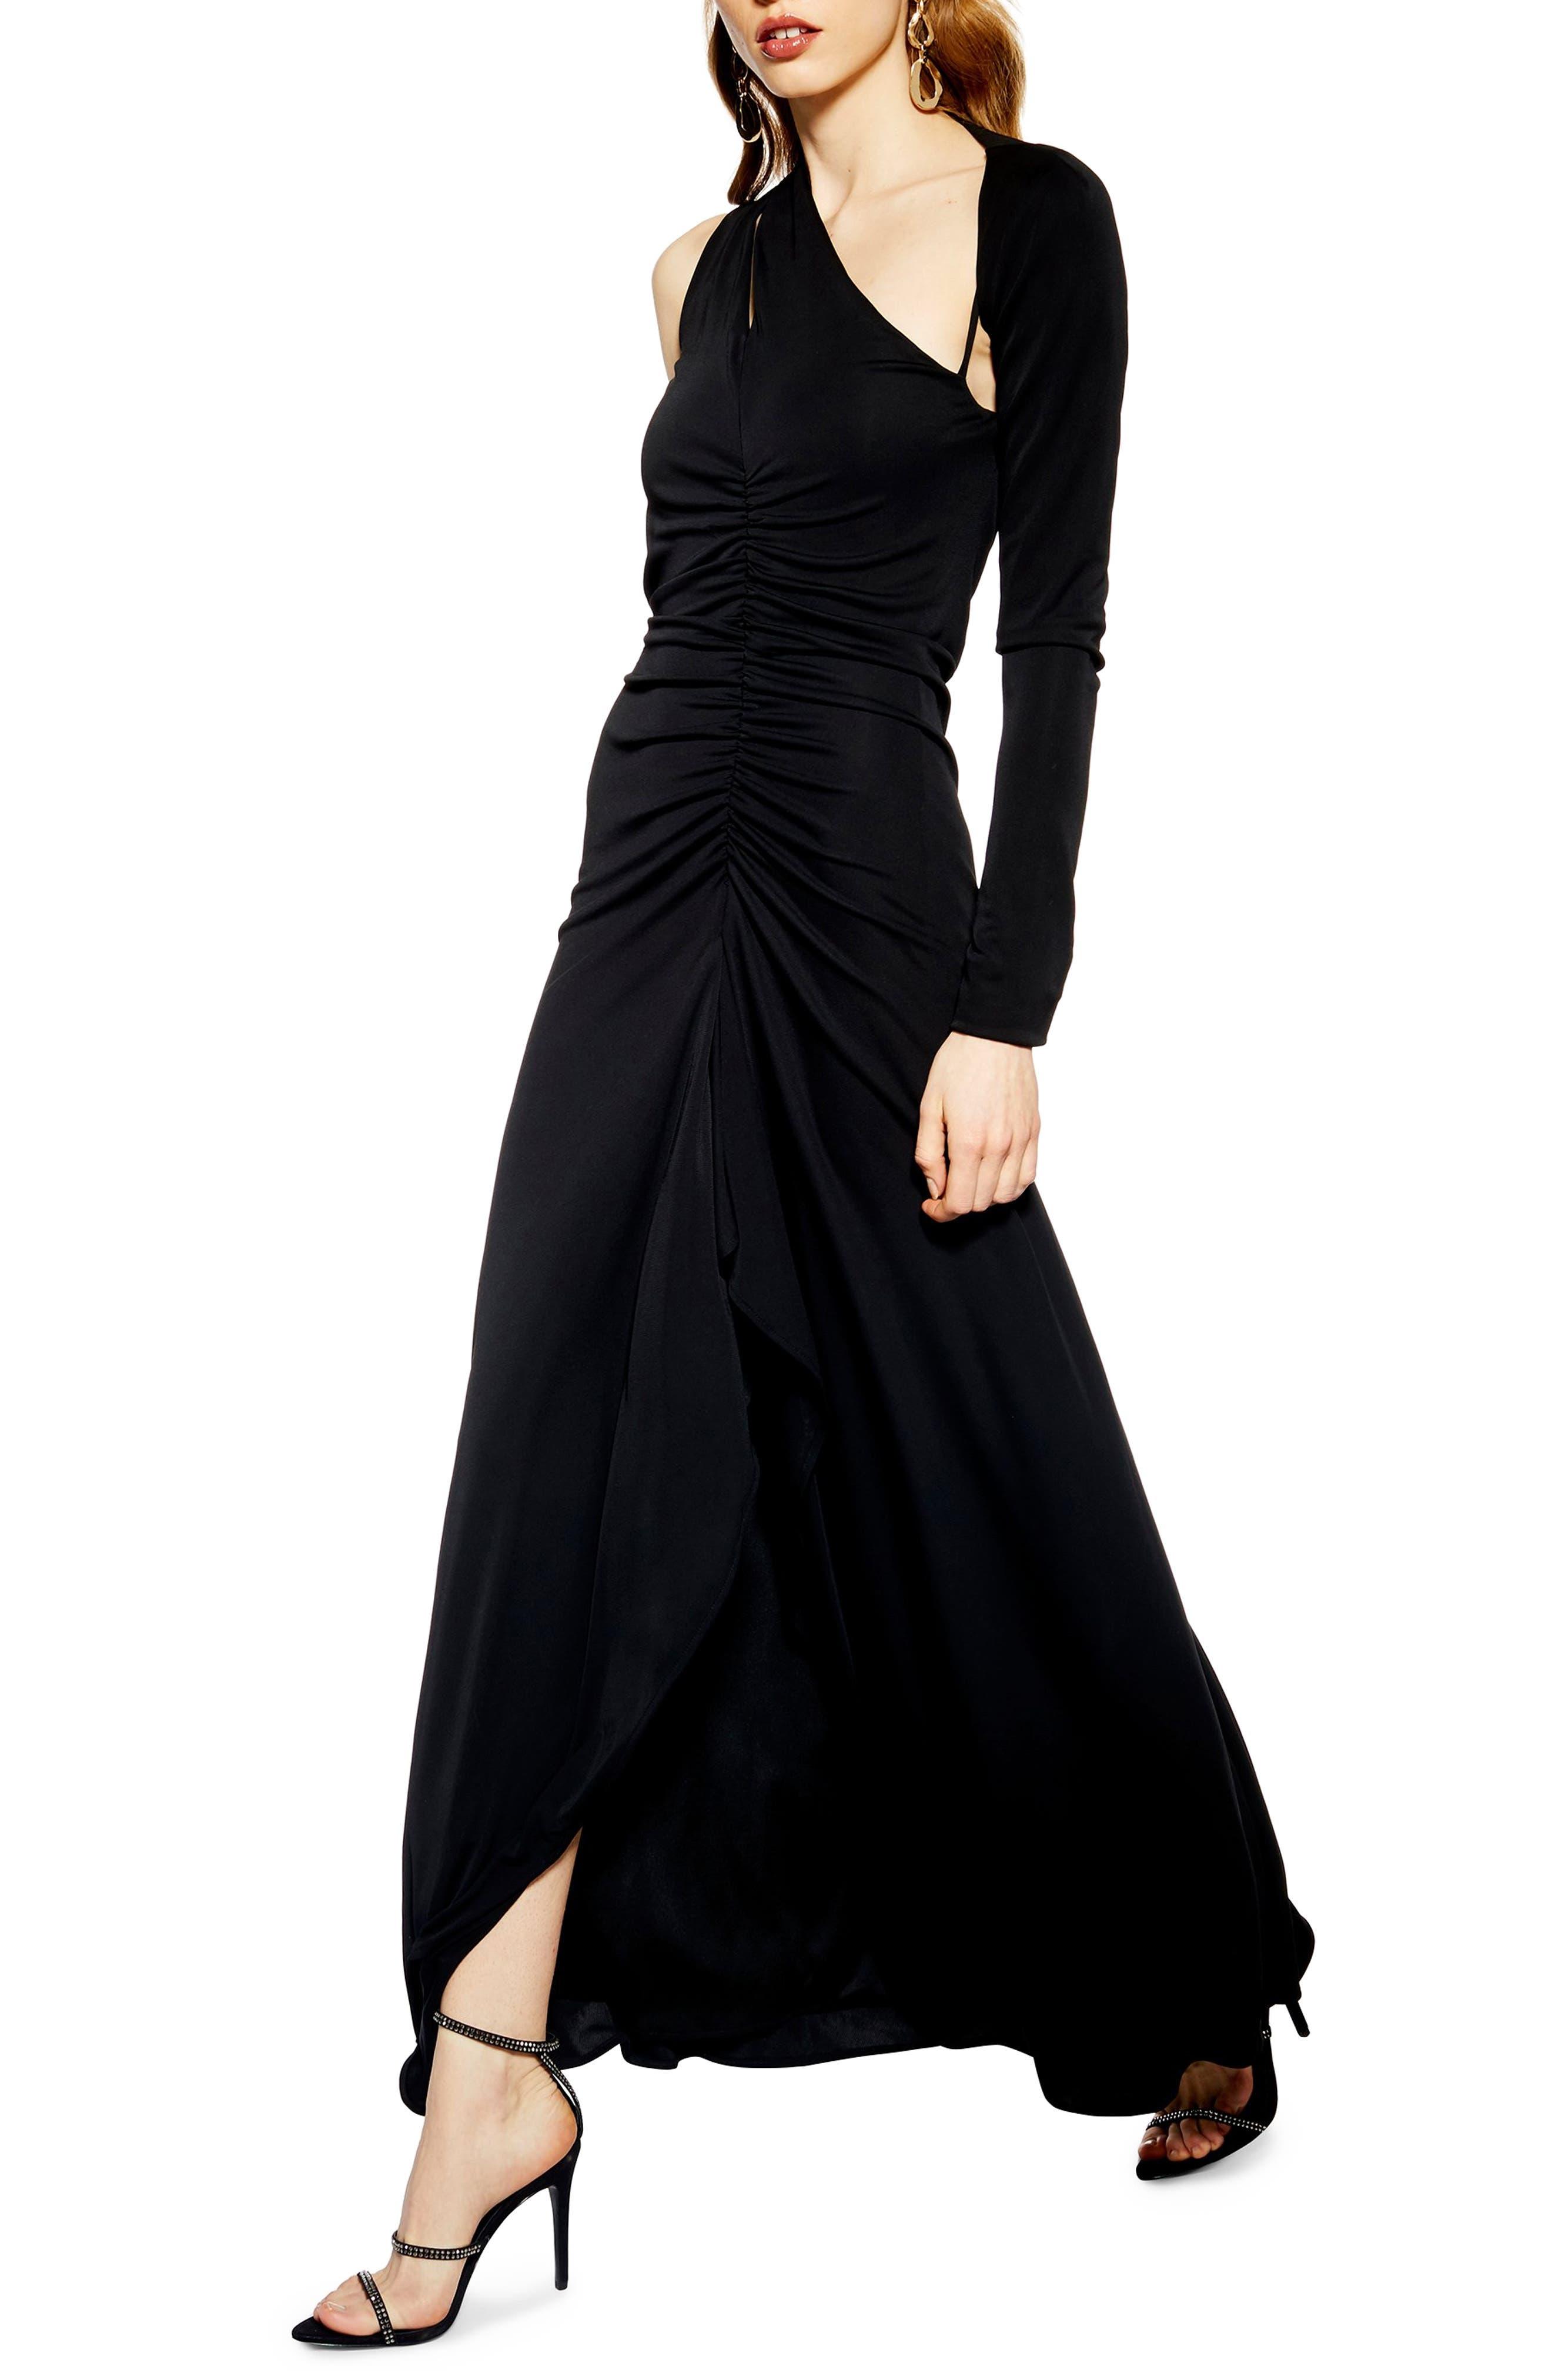 Topshop One-Shoulder Maxi Dress